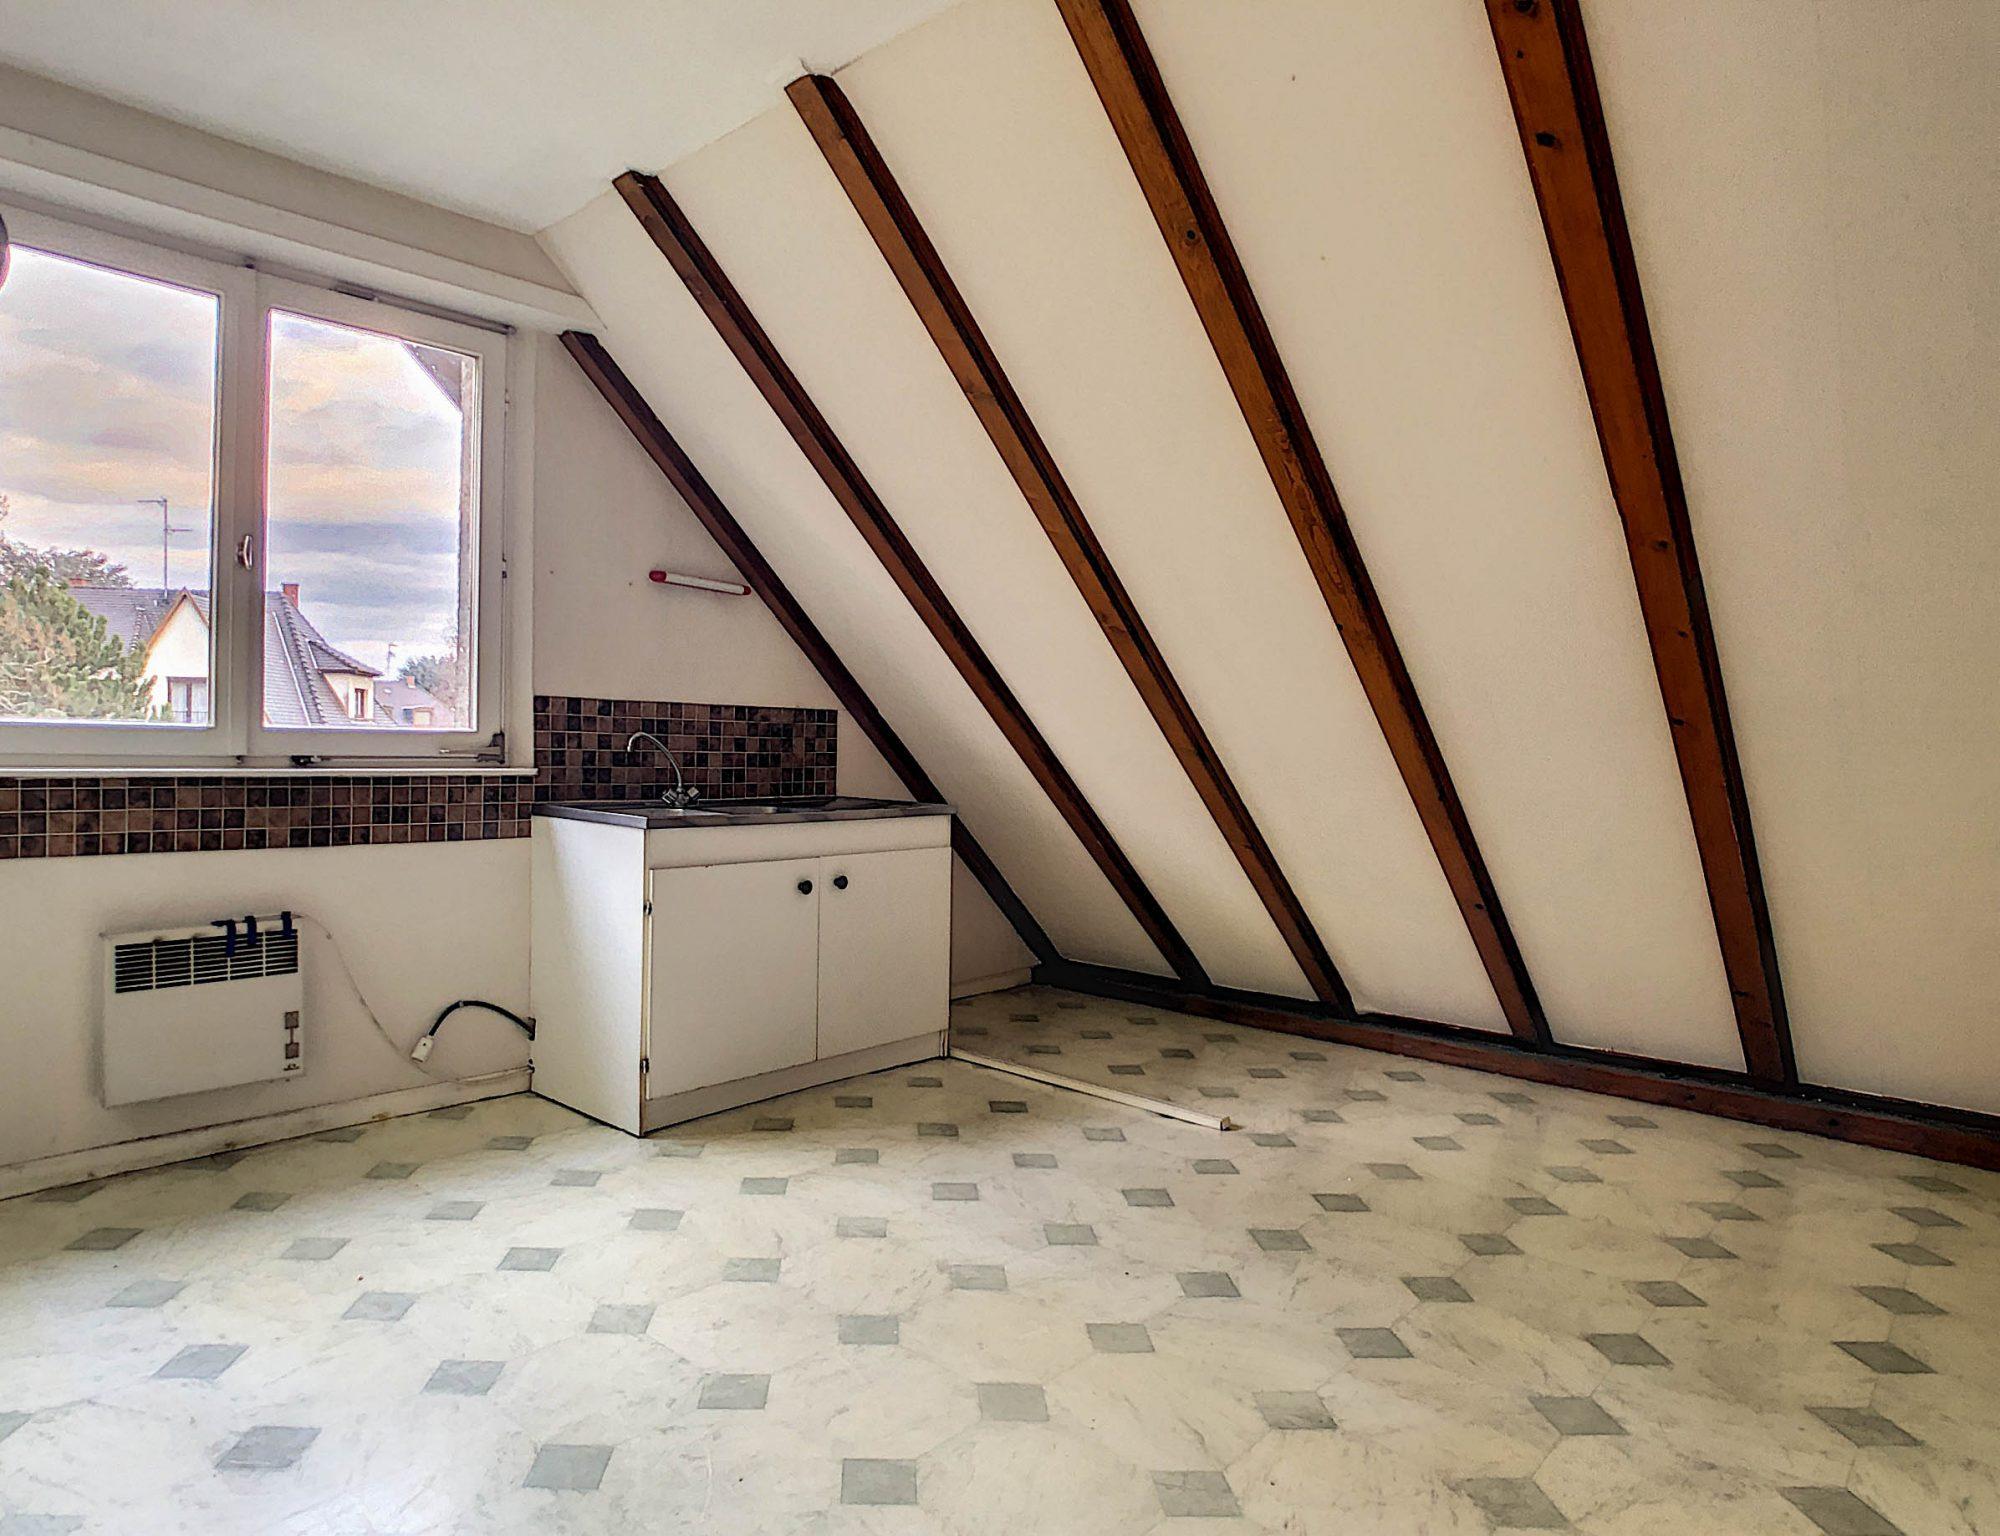 Maison individuelle 8 pièces de 250m2 à Illkirch-Graffenstaden - Devenez propriétaire en toute confiance - Bintz Immobilier - 18